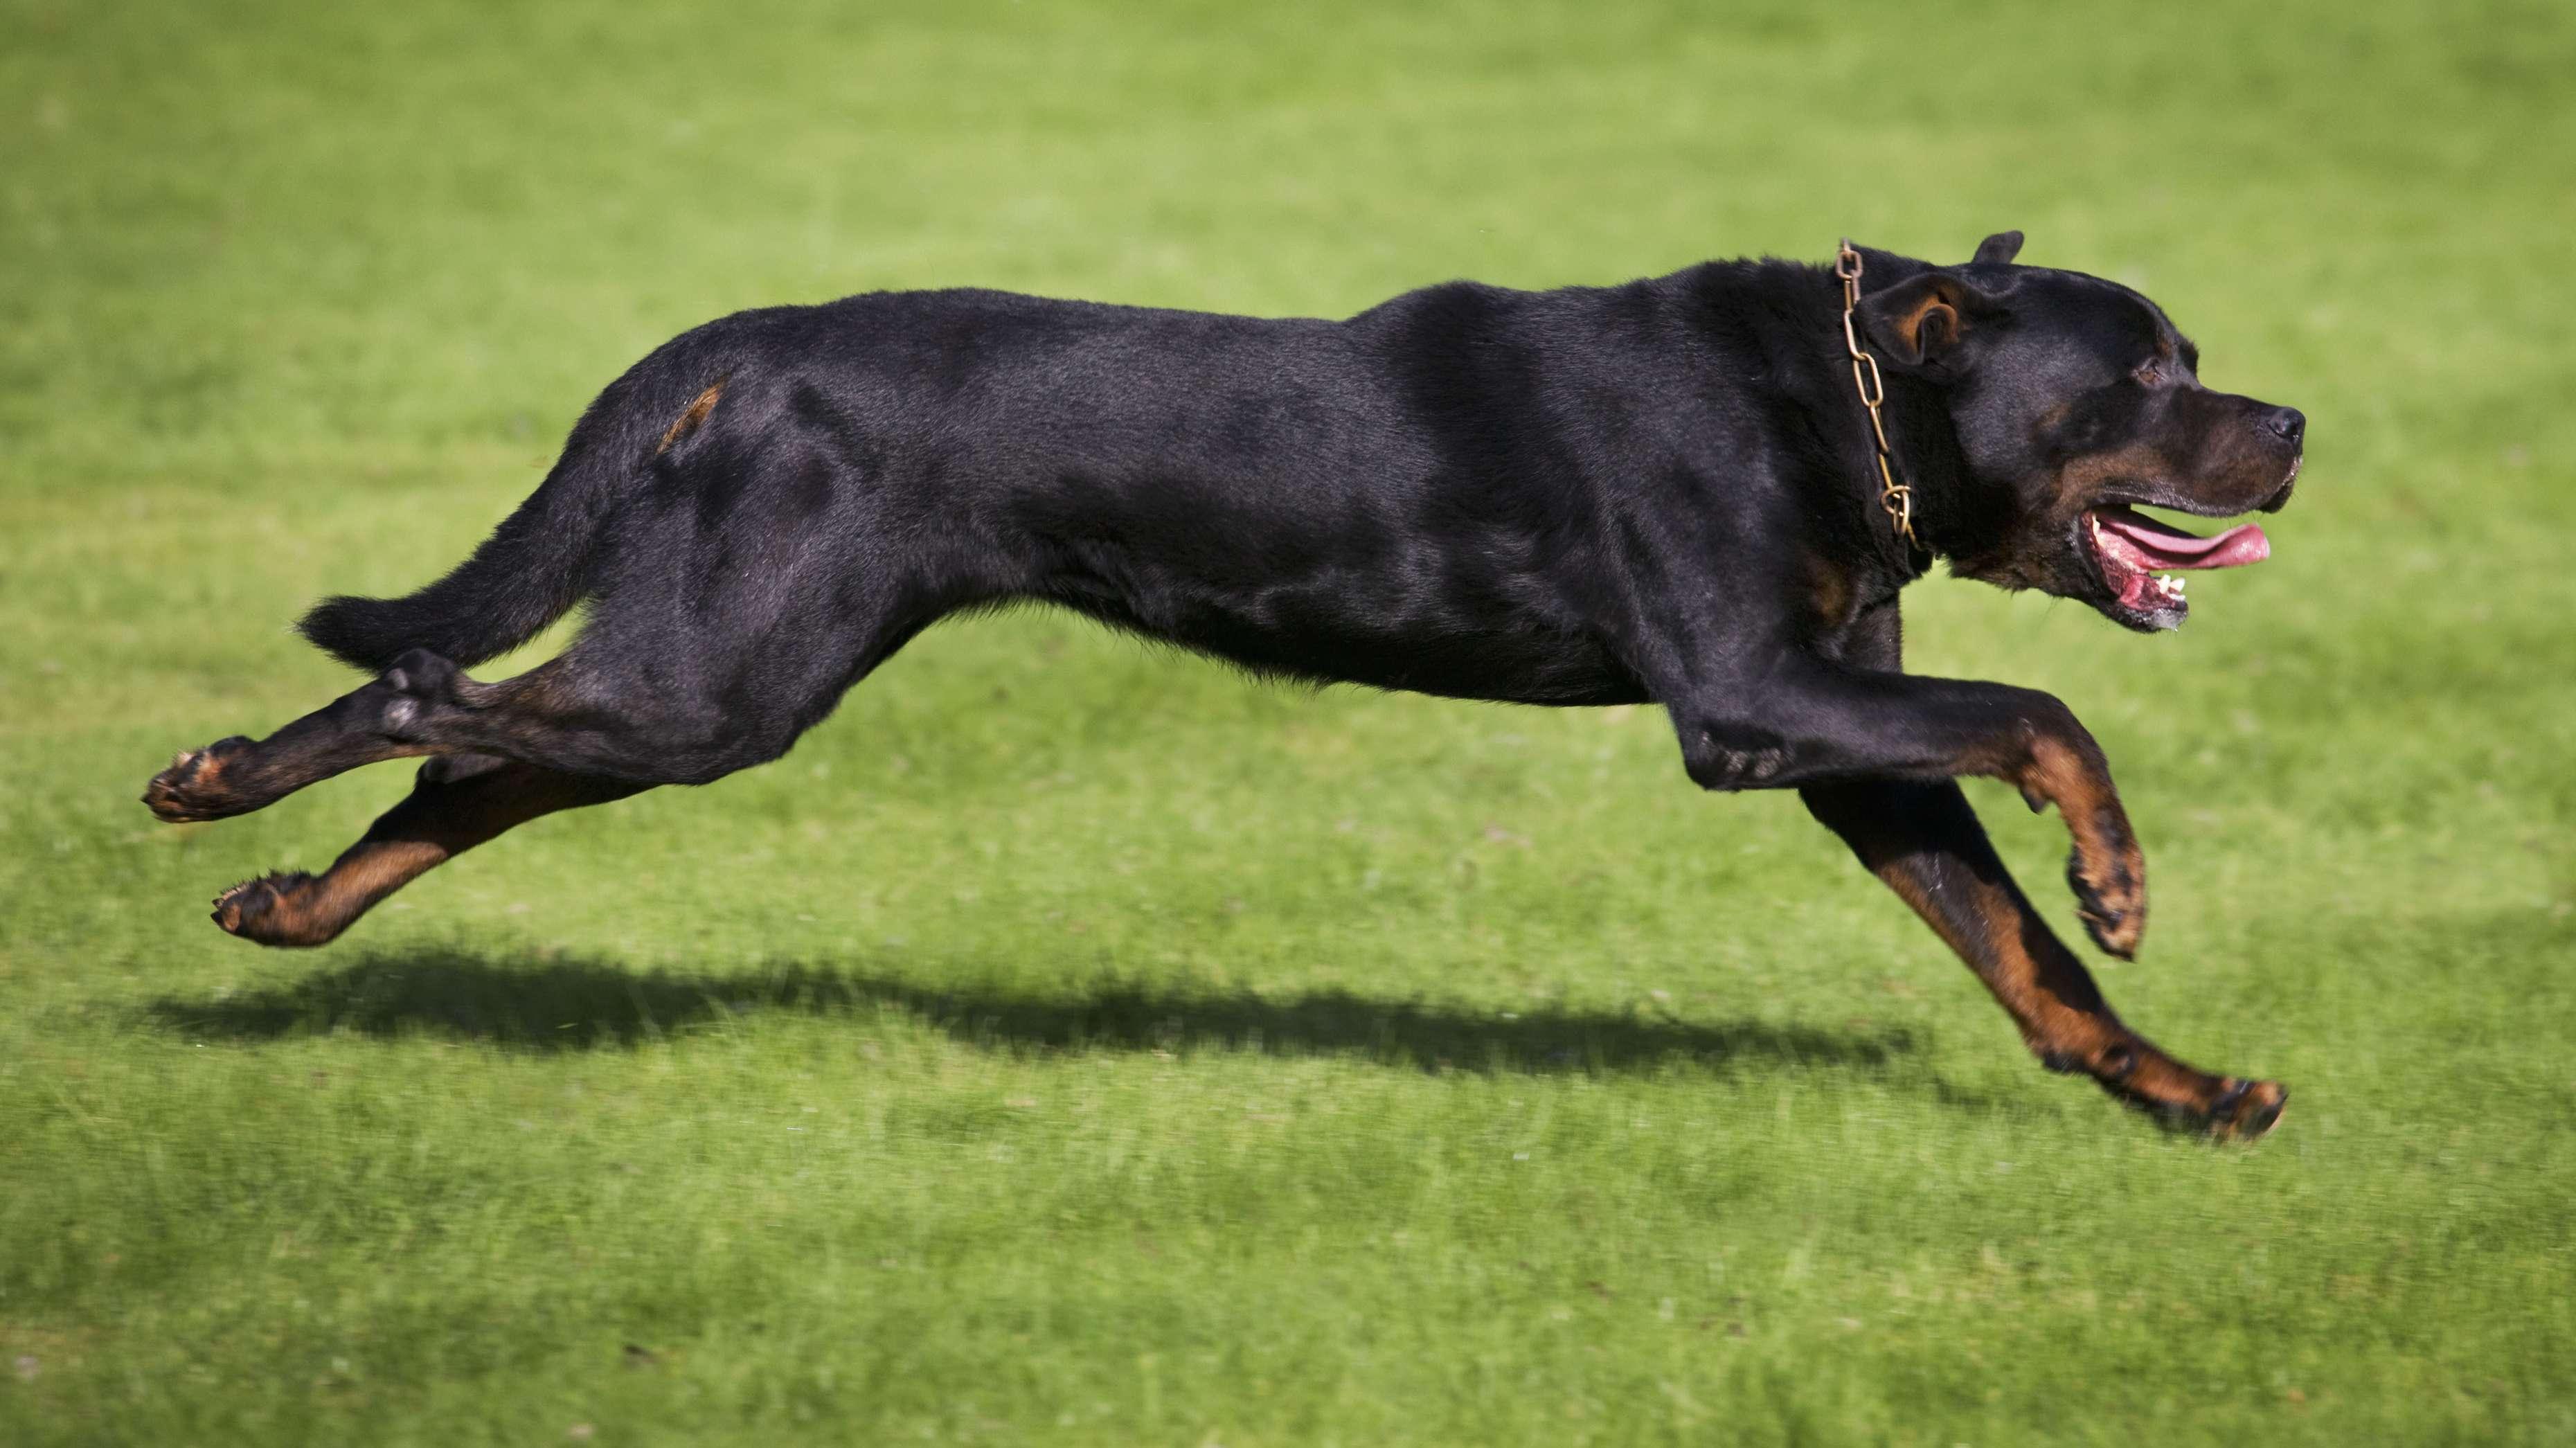 Ein Rottweiler-Hund rennt über eine Wiese